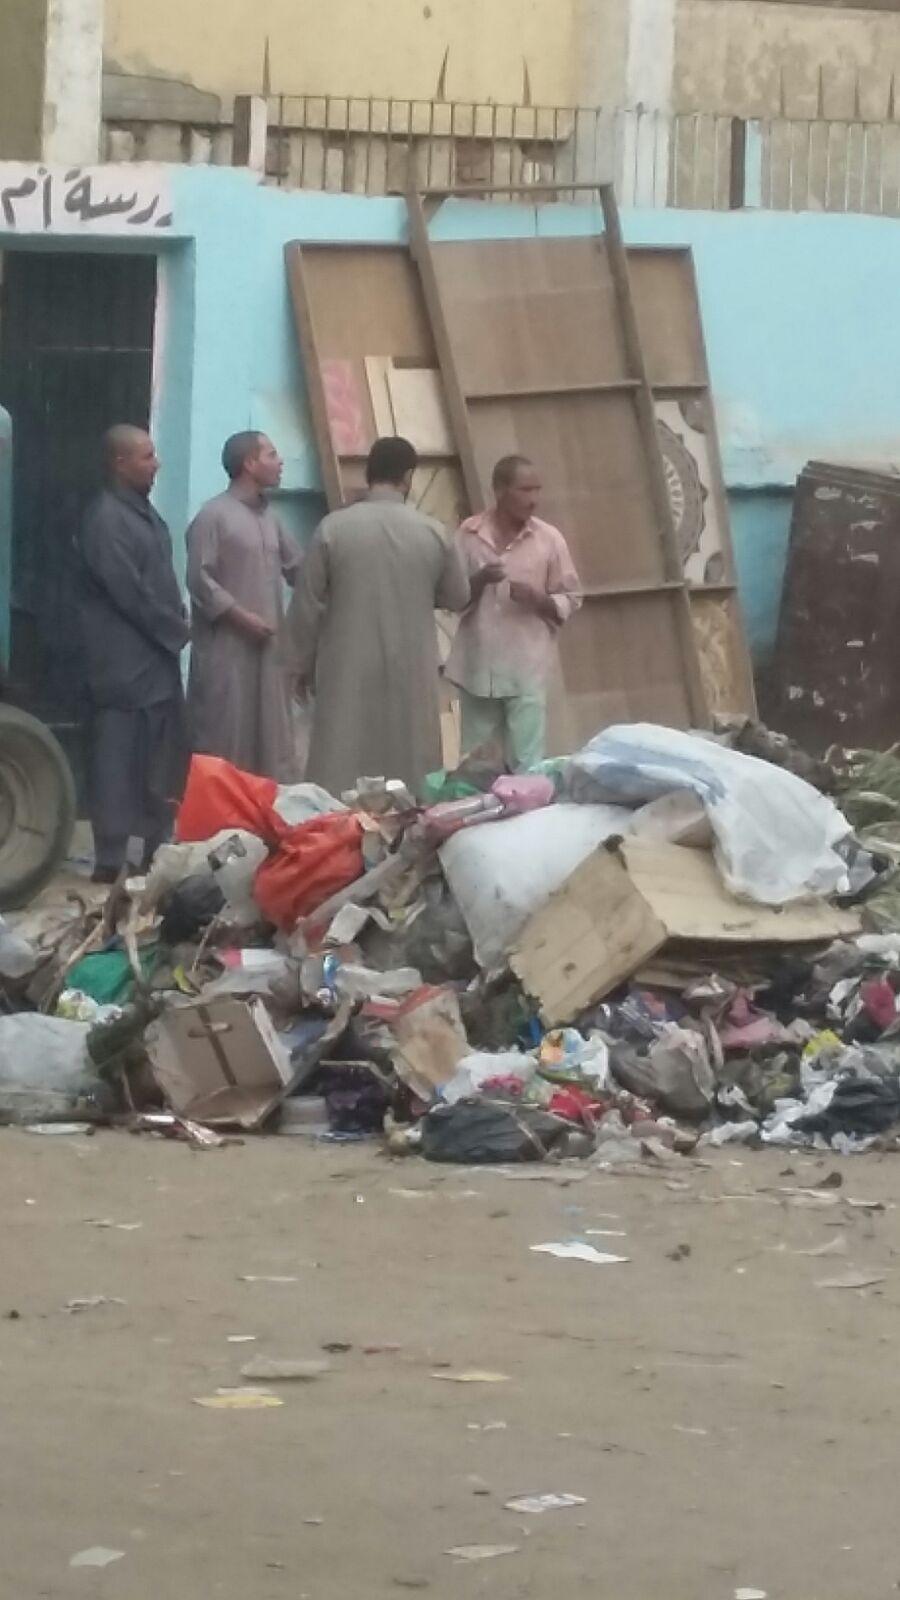 بالصور.. المحليات تستعد لبدء الدراسة بترك القمامة أمام مدرسة في إحدى قرى إمبابة